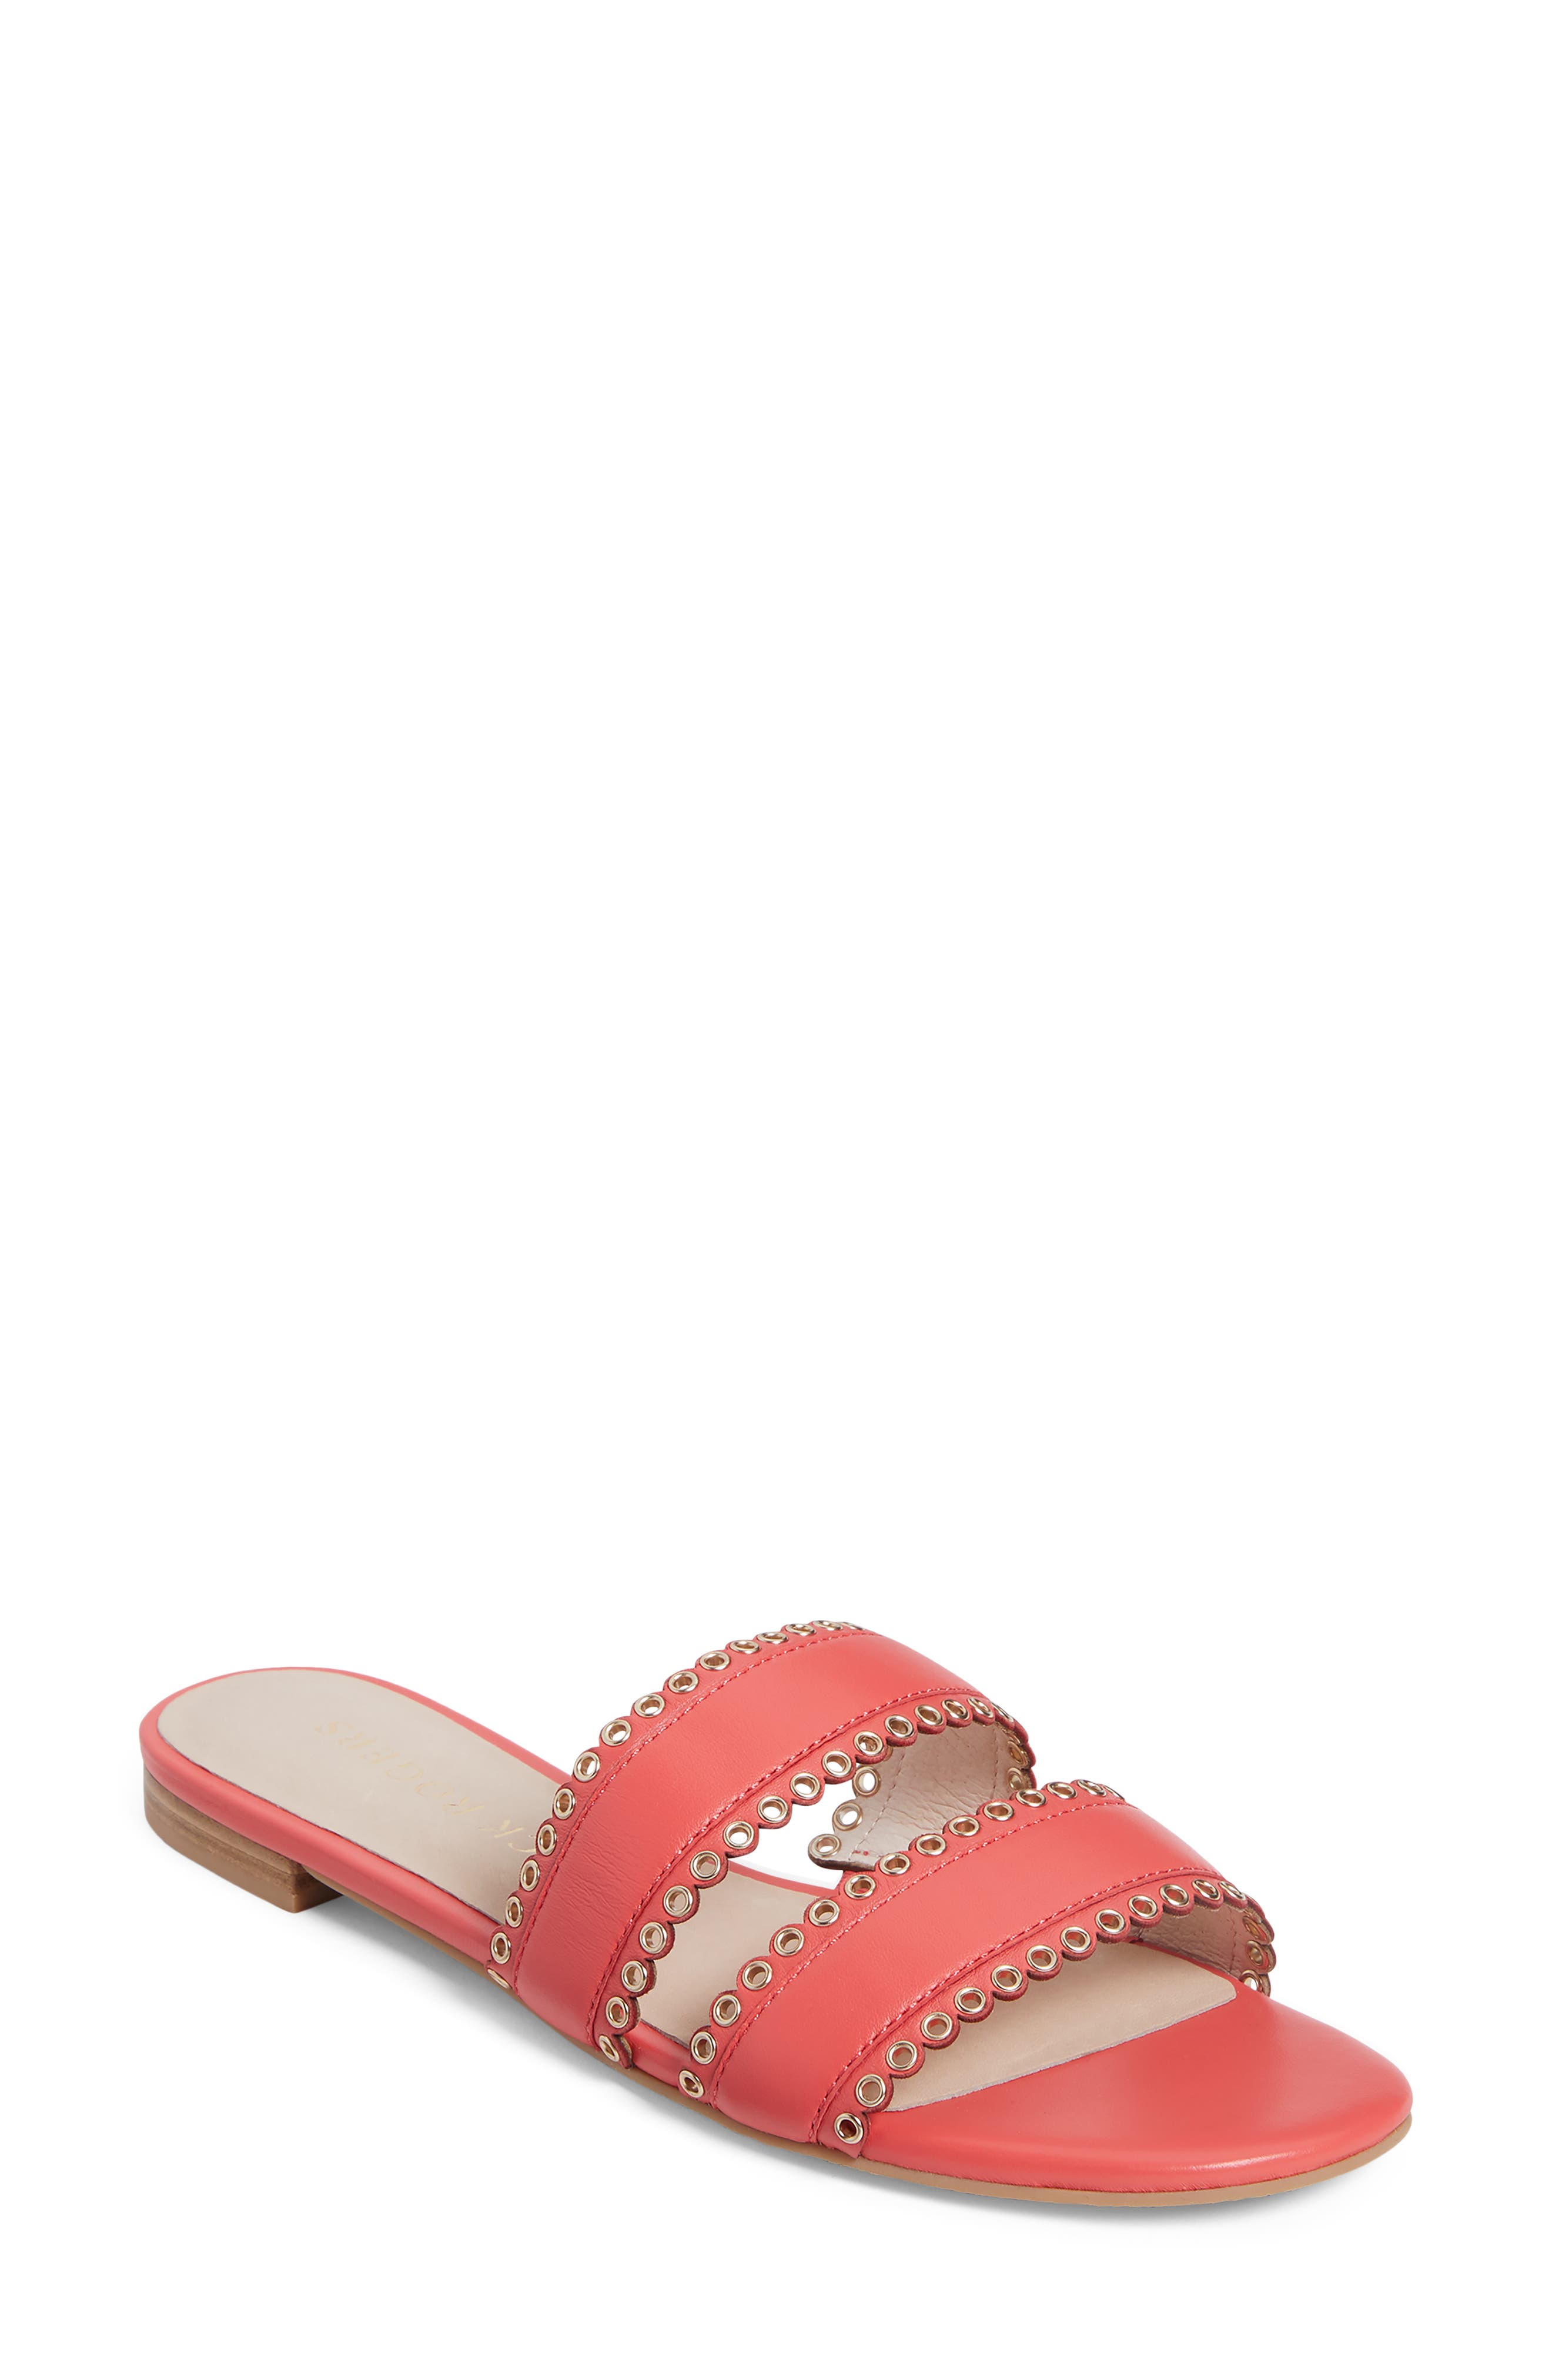 Savannah Slide Sandal